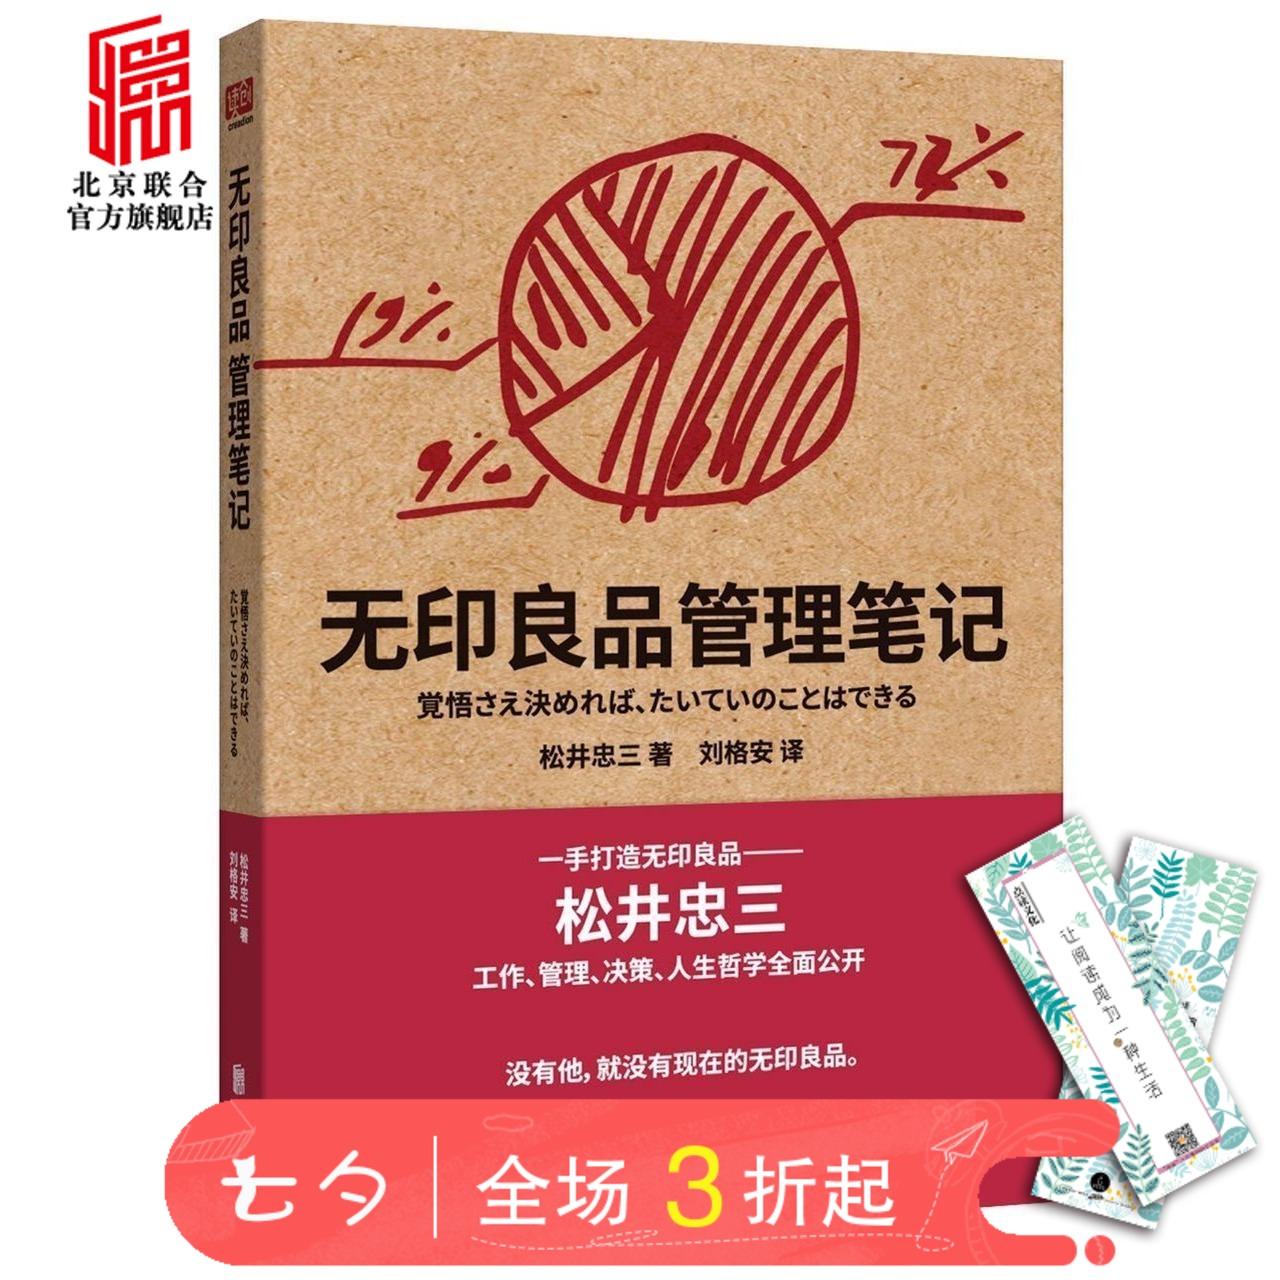 【北京联合 正版图书】无印良品管理笔记 松井忠三工作、管理、决策、人生哲学全面公开 读创畅销书籍